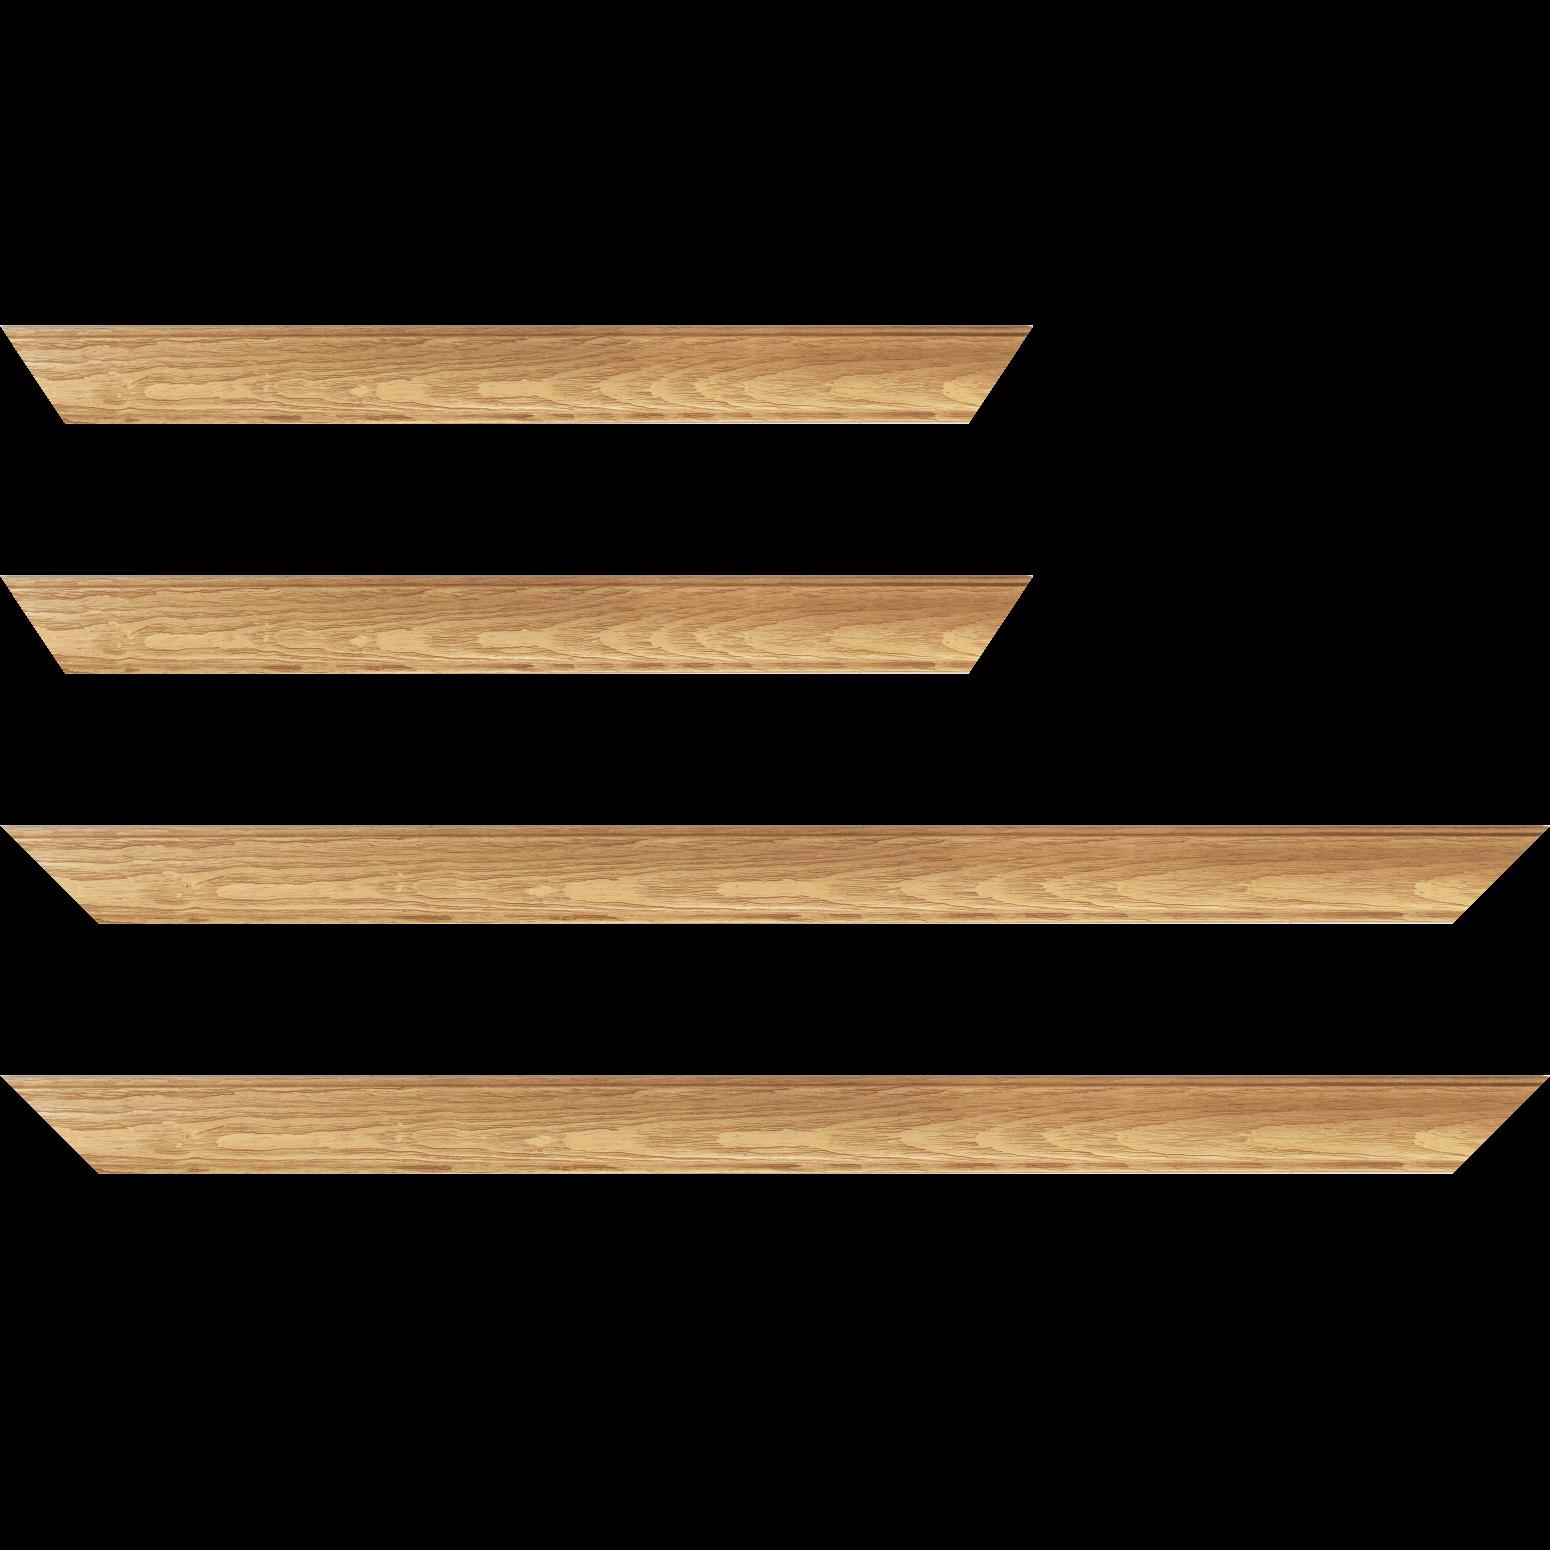 Baguette bois profil inversé largeur 3.2cm sur pin teinté chêne